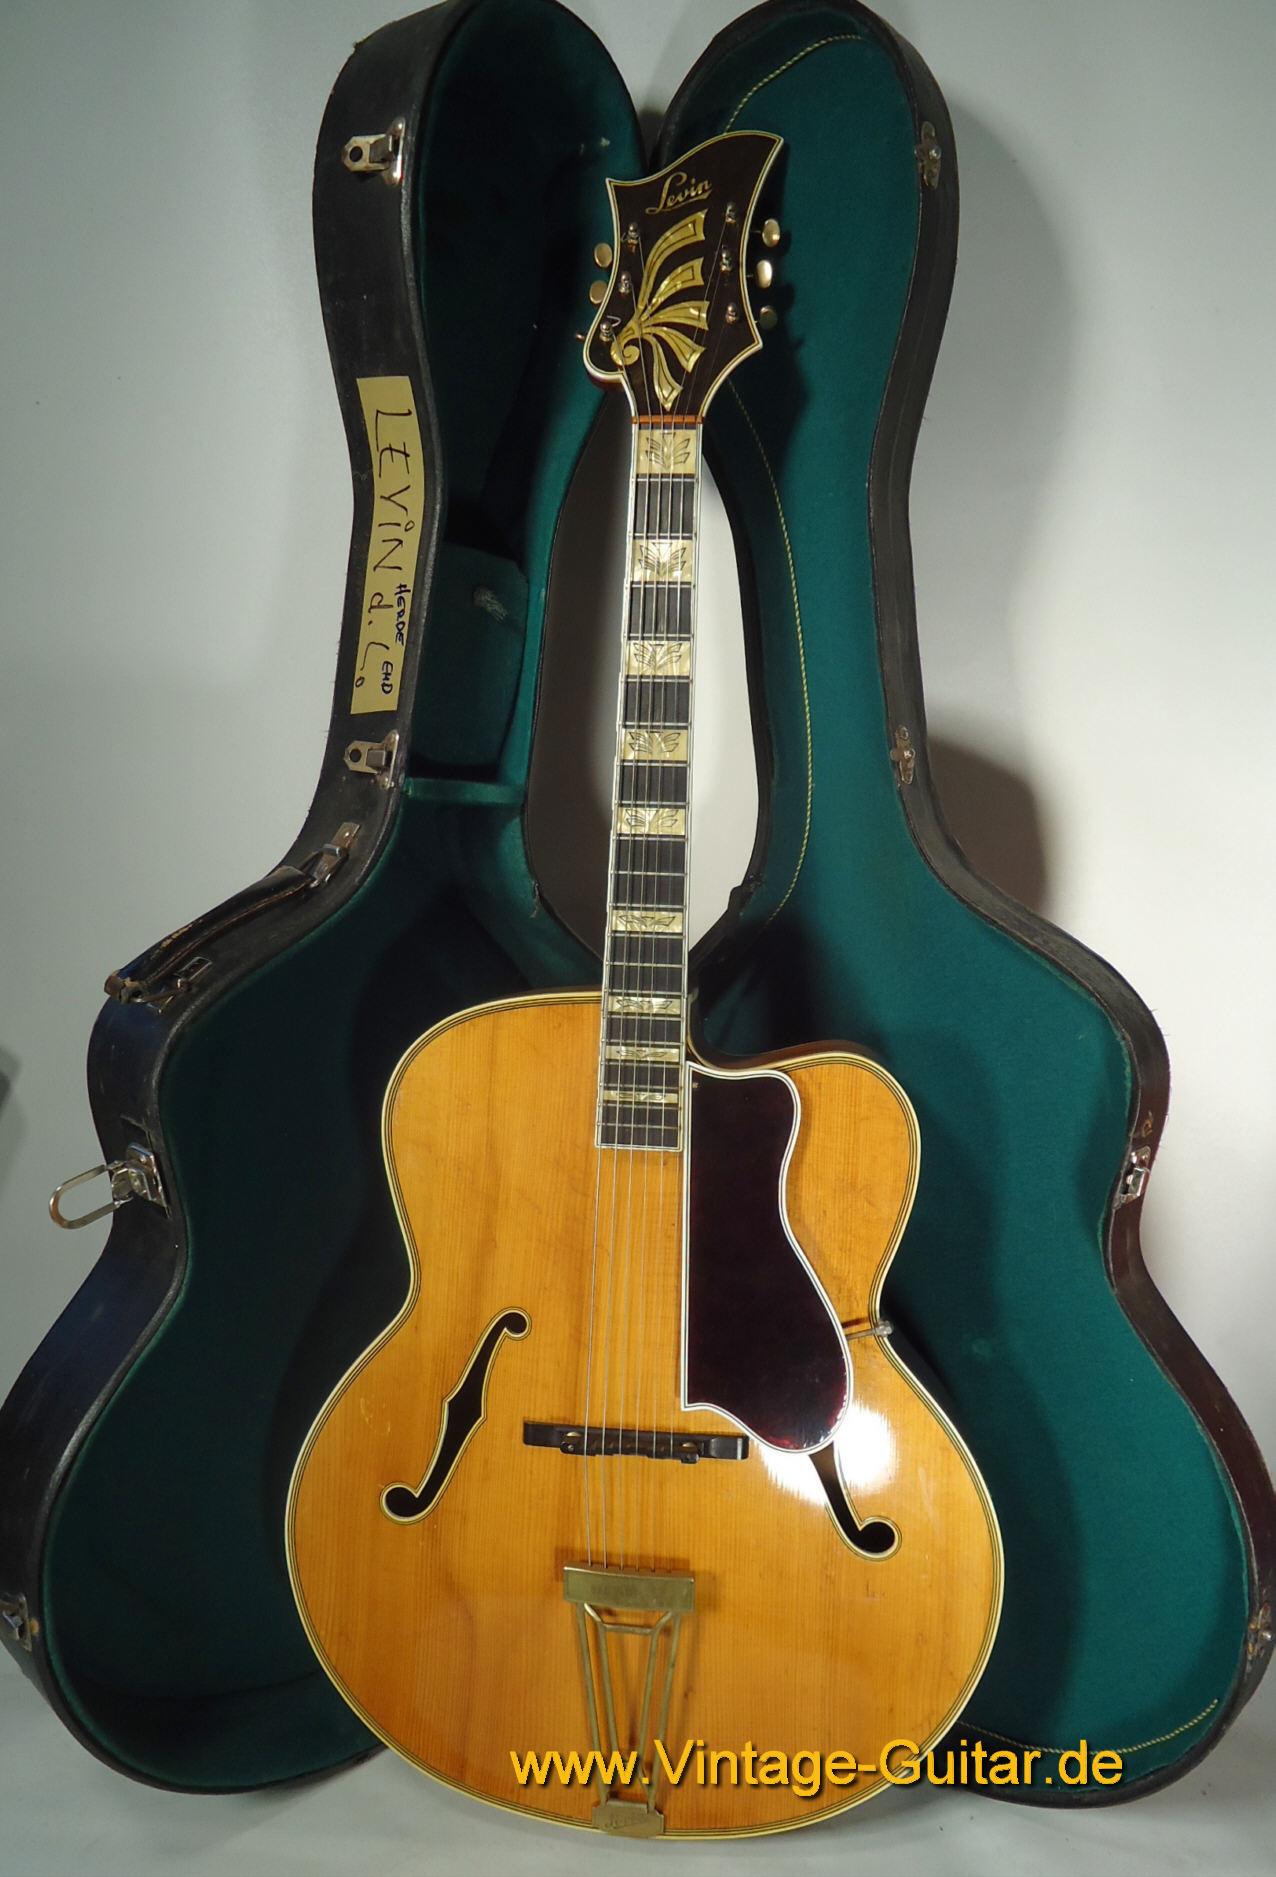 levin de luxe 1949 natural guitar for sale vintage guitar oldenburg